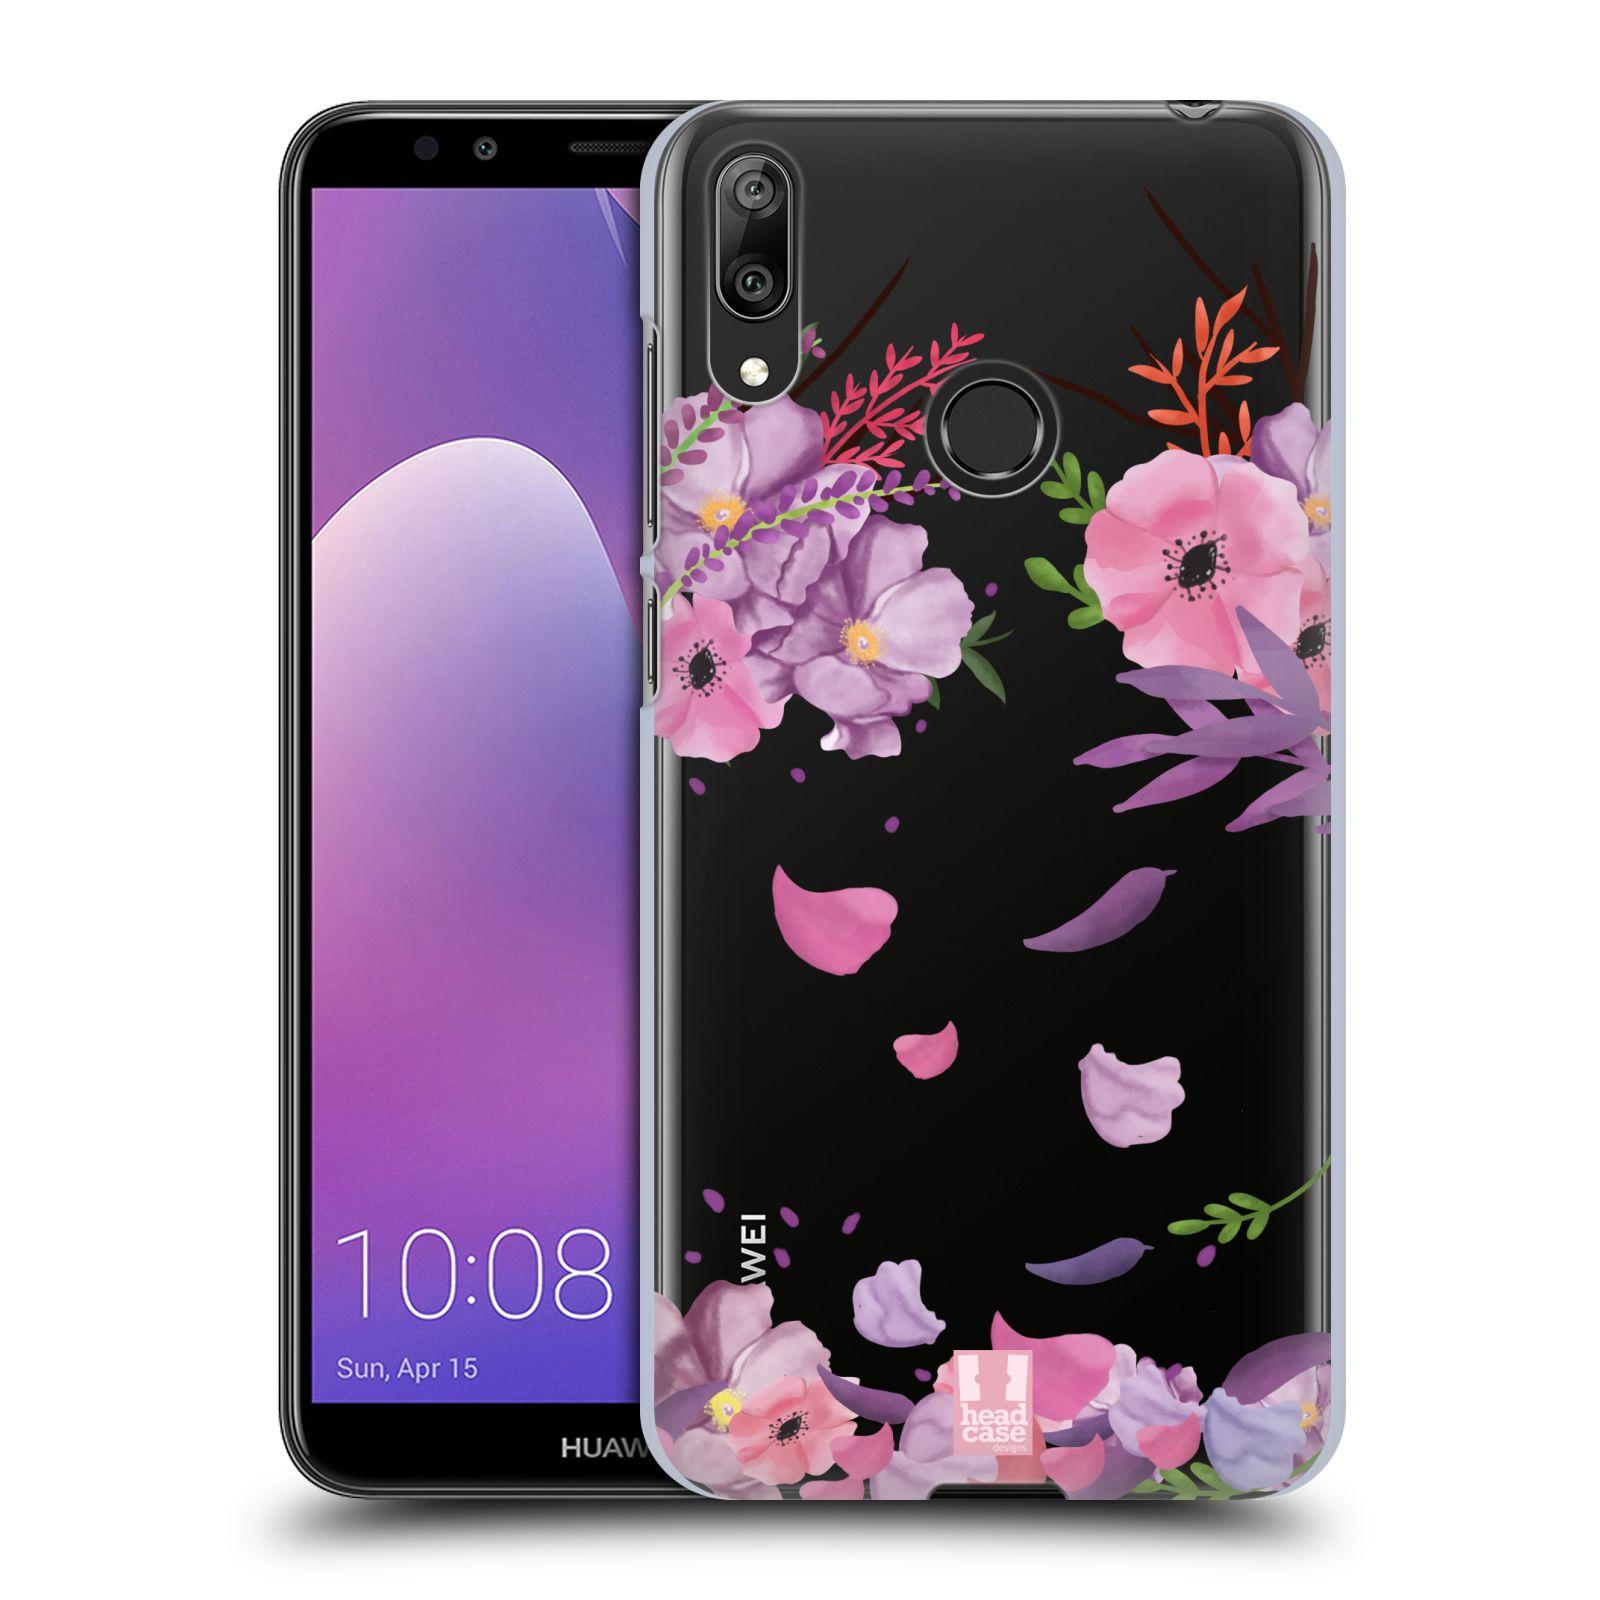 Plastové pouzdro na mobil Huawei Y7 (2019) - Head Case - Okvětní lístky